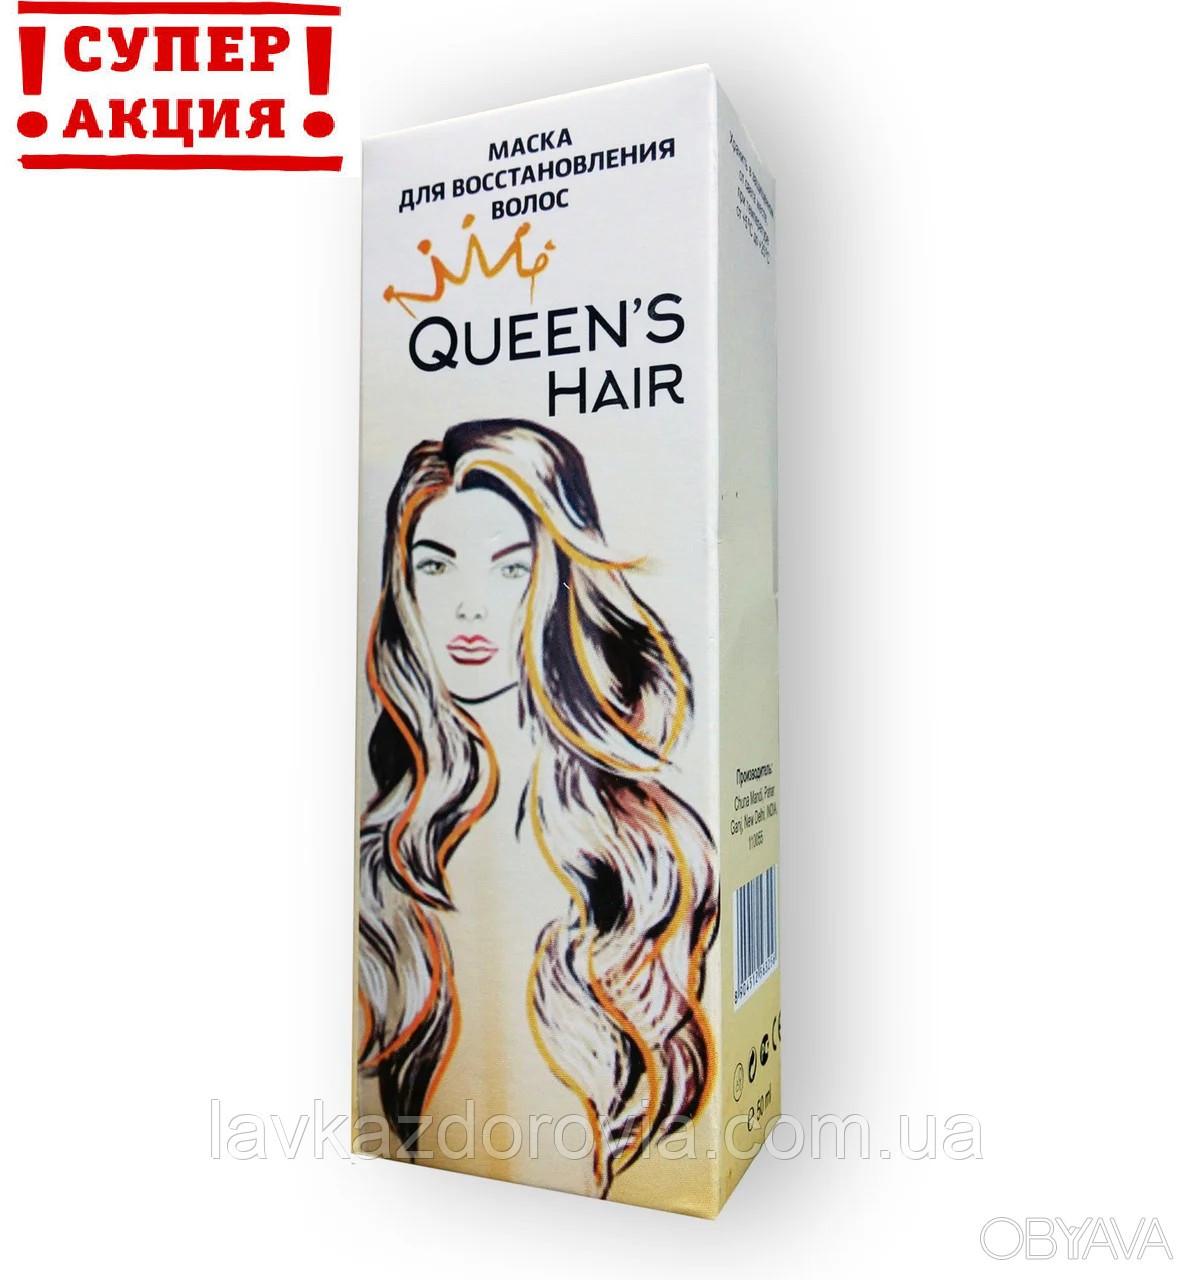 Маска для волосся - Маска для відновлення і росту волосся queen's hair - Квінс Хаїр 50 мл